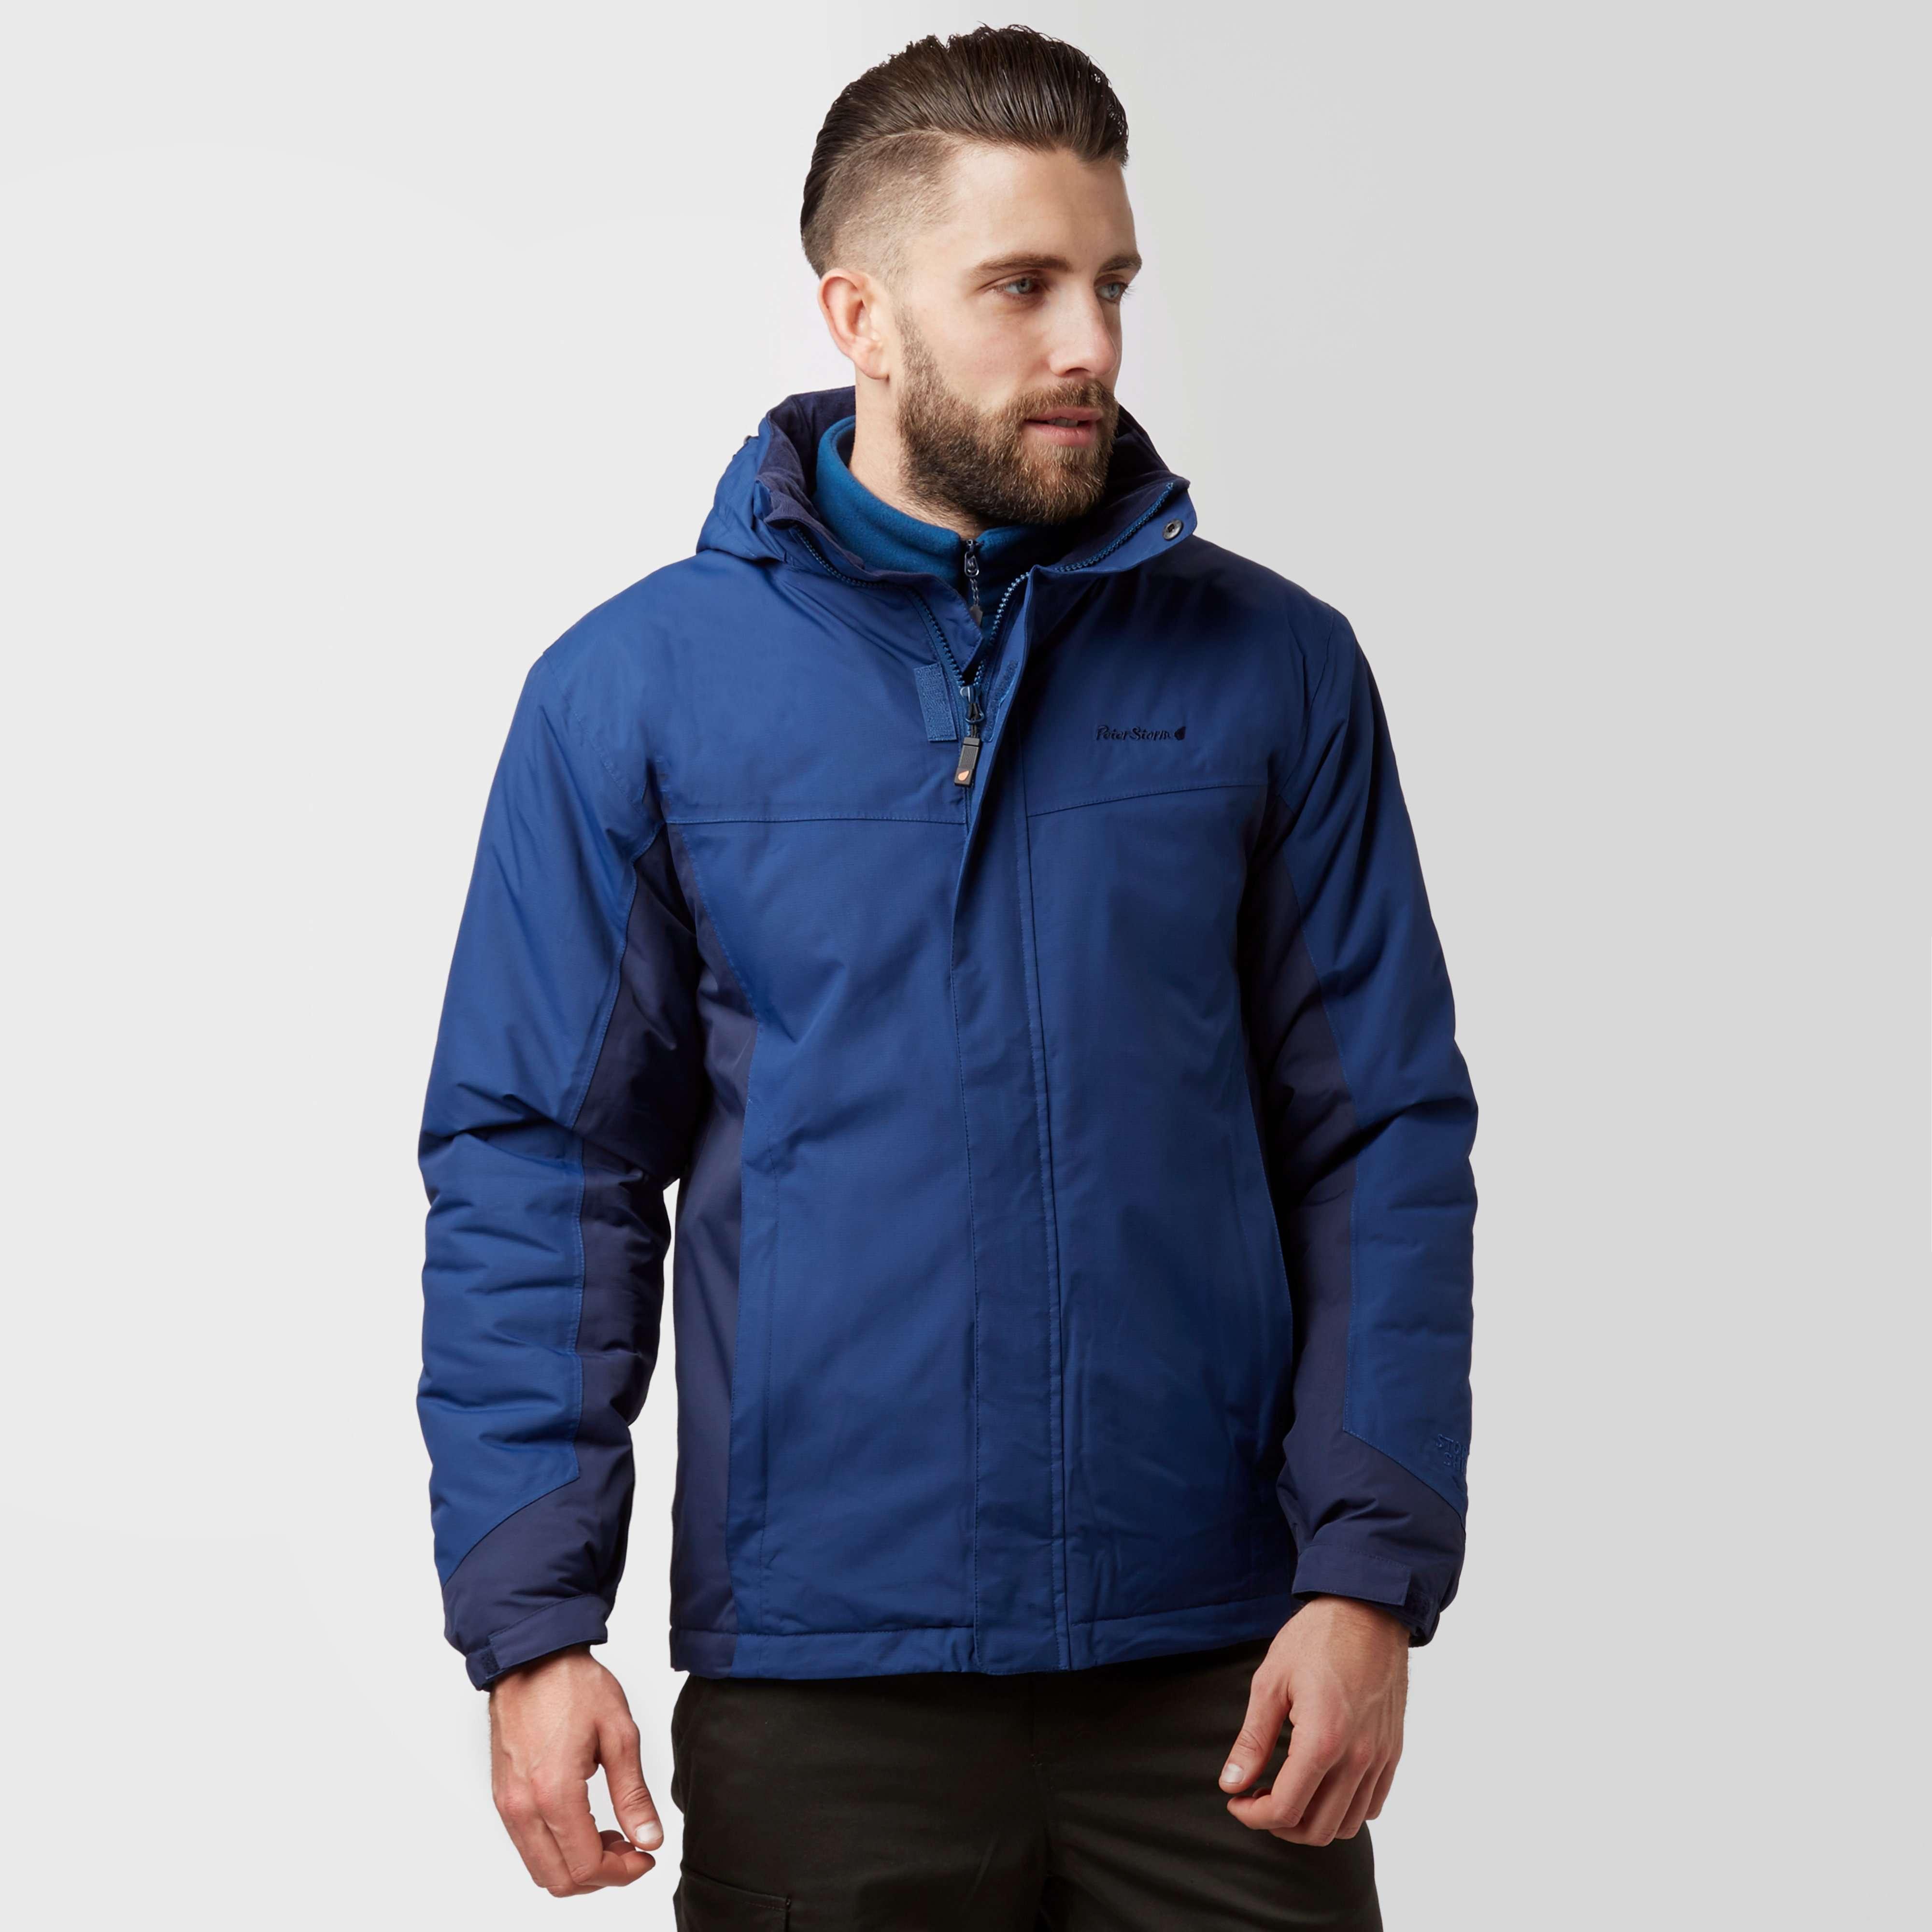 PETER STORM Men's Insulated Panel Jacket